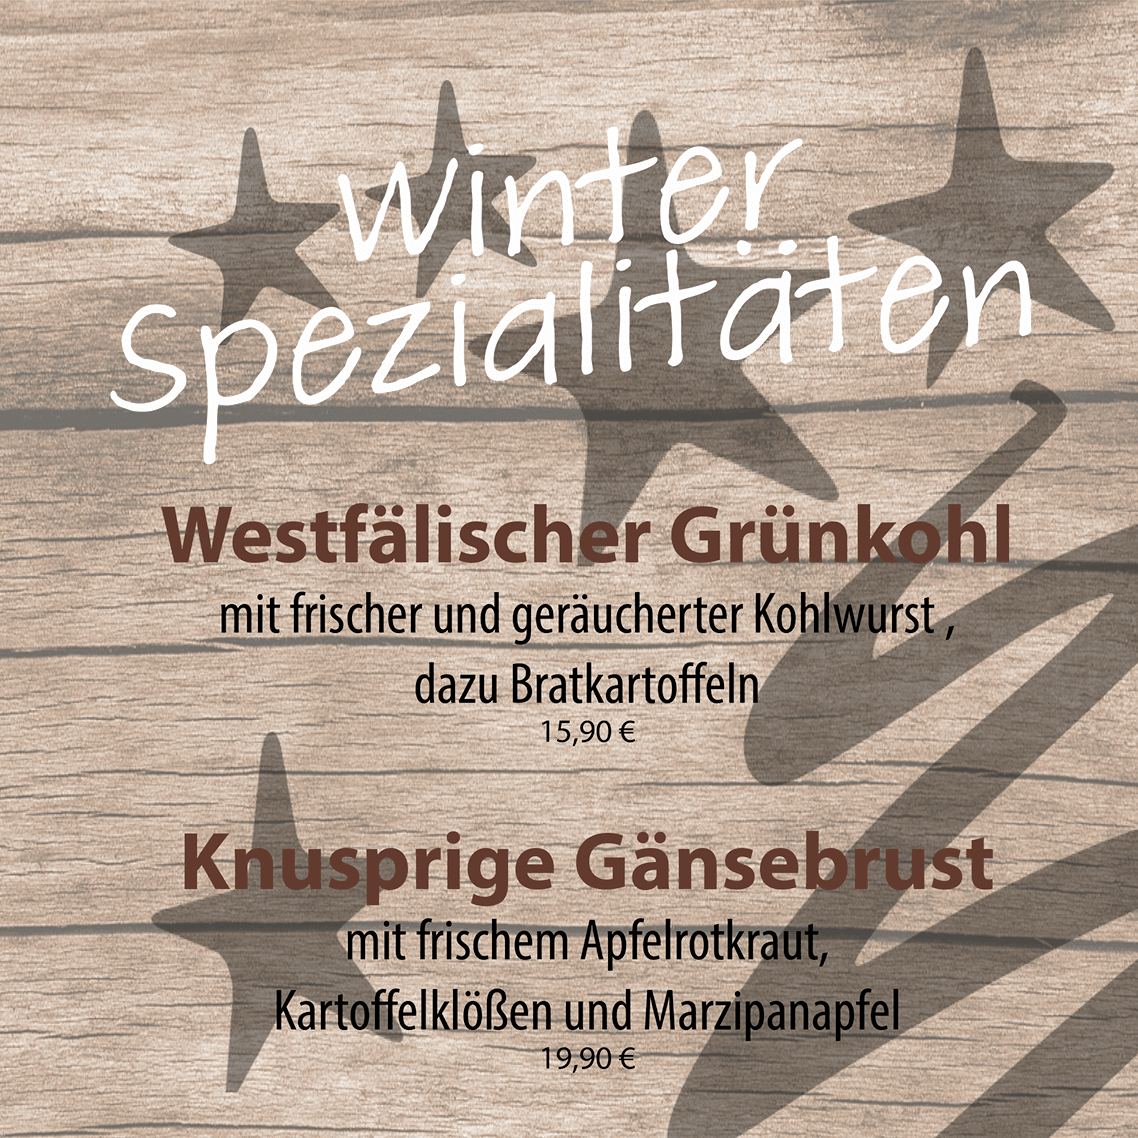 Deutsches-Haus_Winterspezialitäten_2019